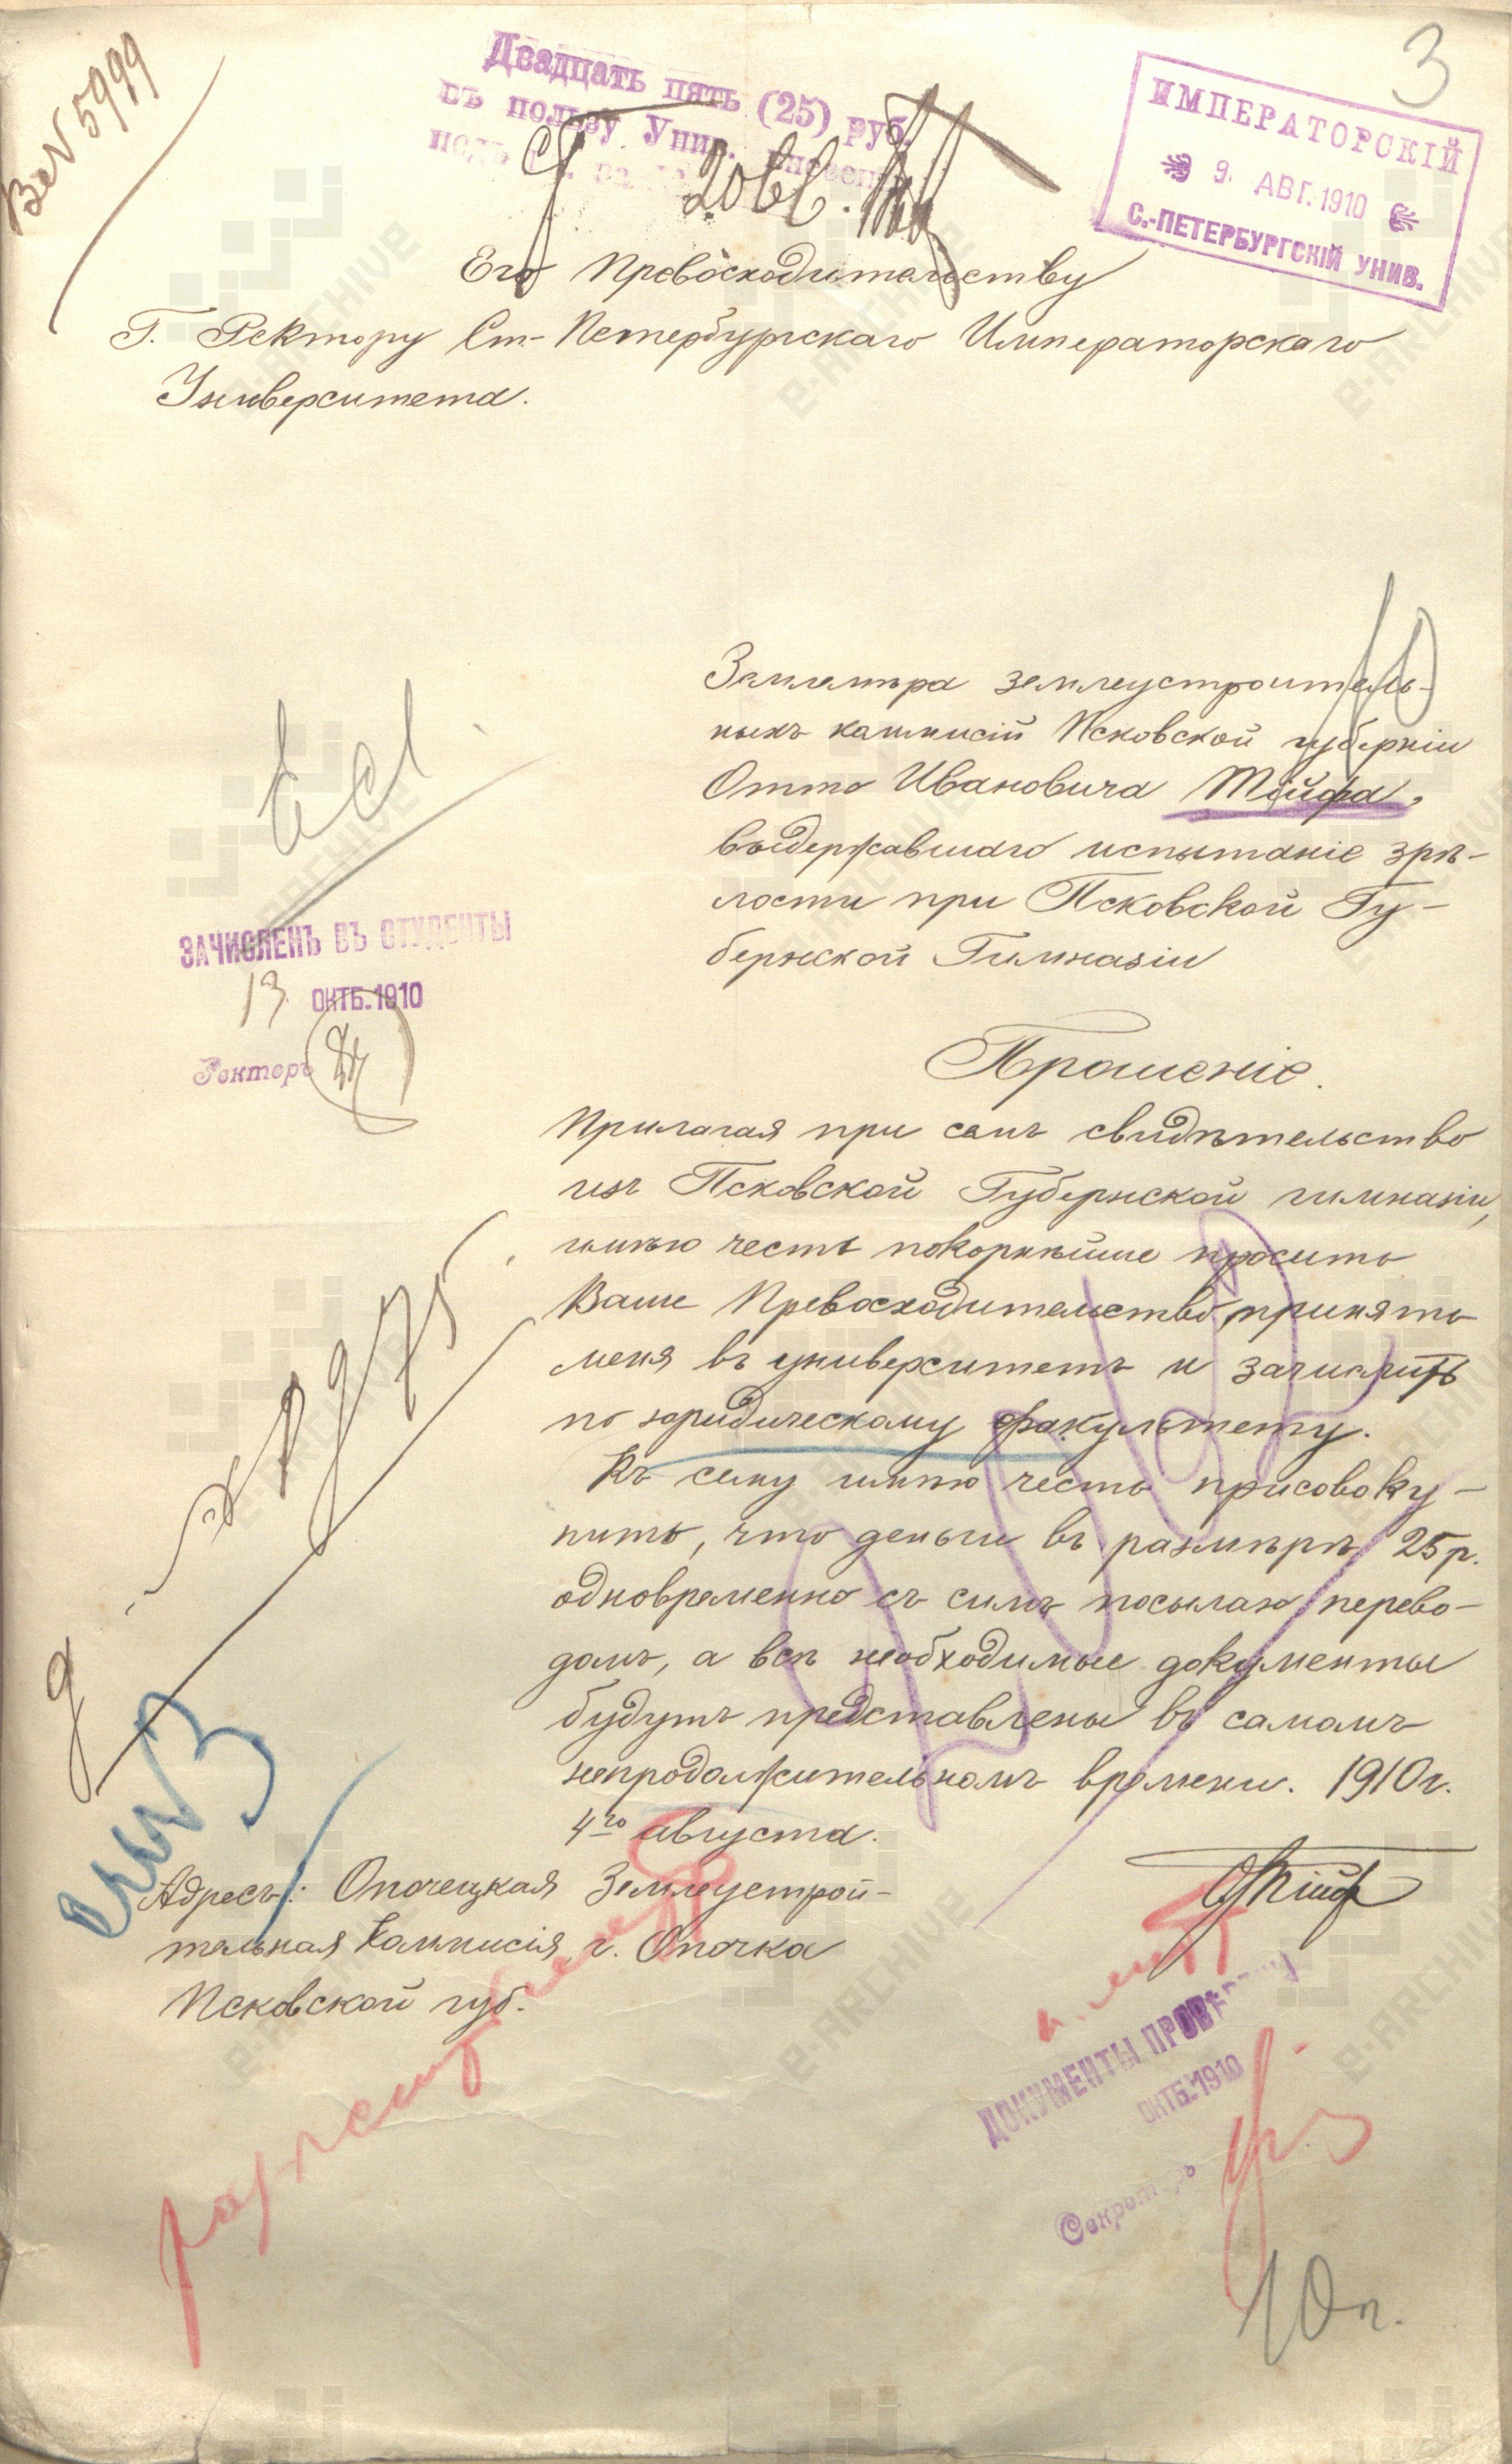 Otto Tiefi avaldus Peterburi ülikooli õigusteaduskonnas õppima asumiseks 4. augustist 1910. TsGIASpb.14.3.57649, l. 3